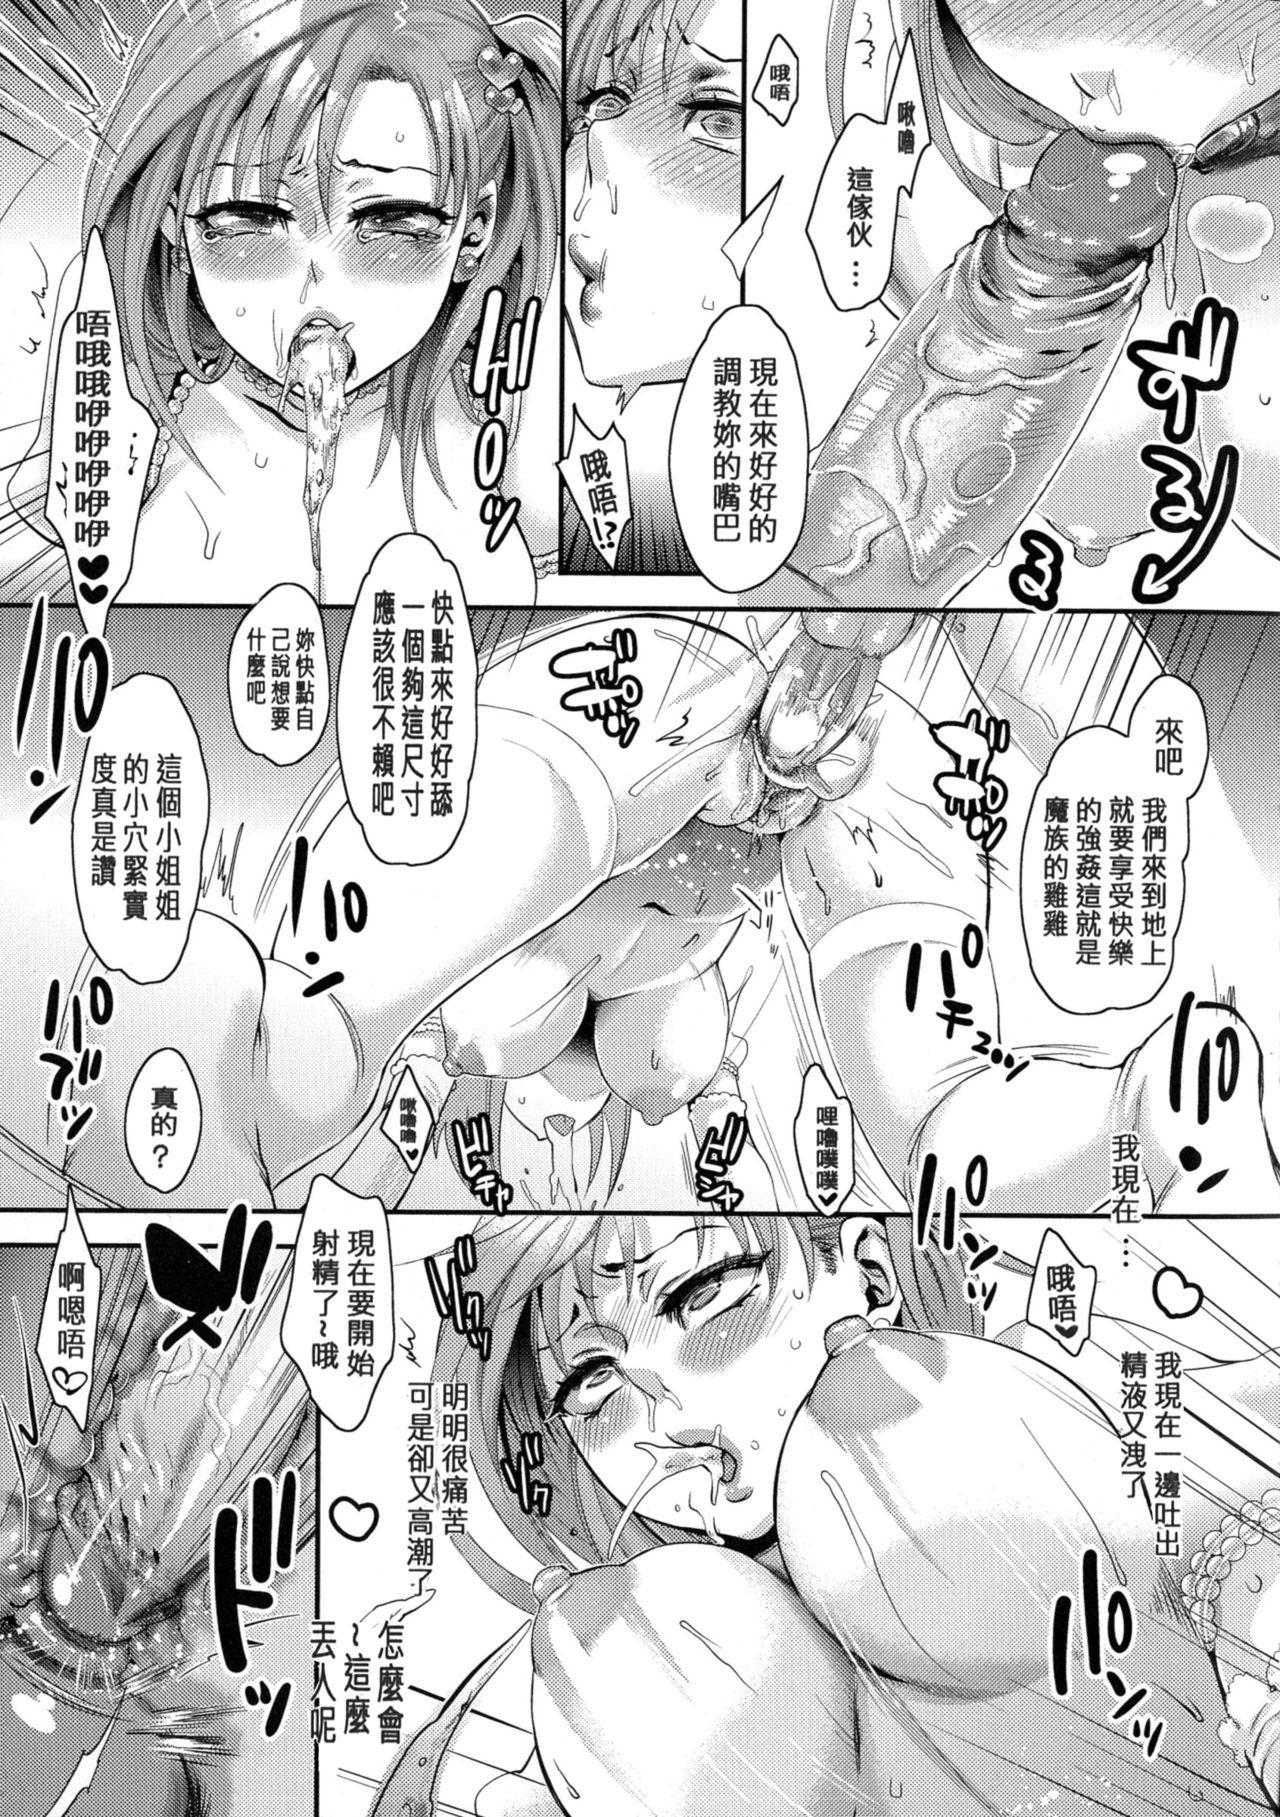 Chouki-sama no Ingyaku Yuugi 138